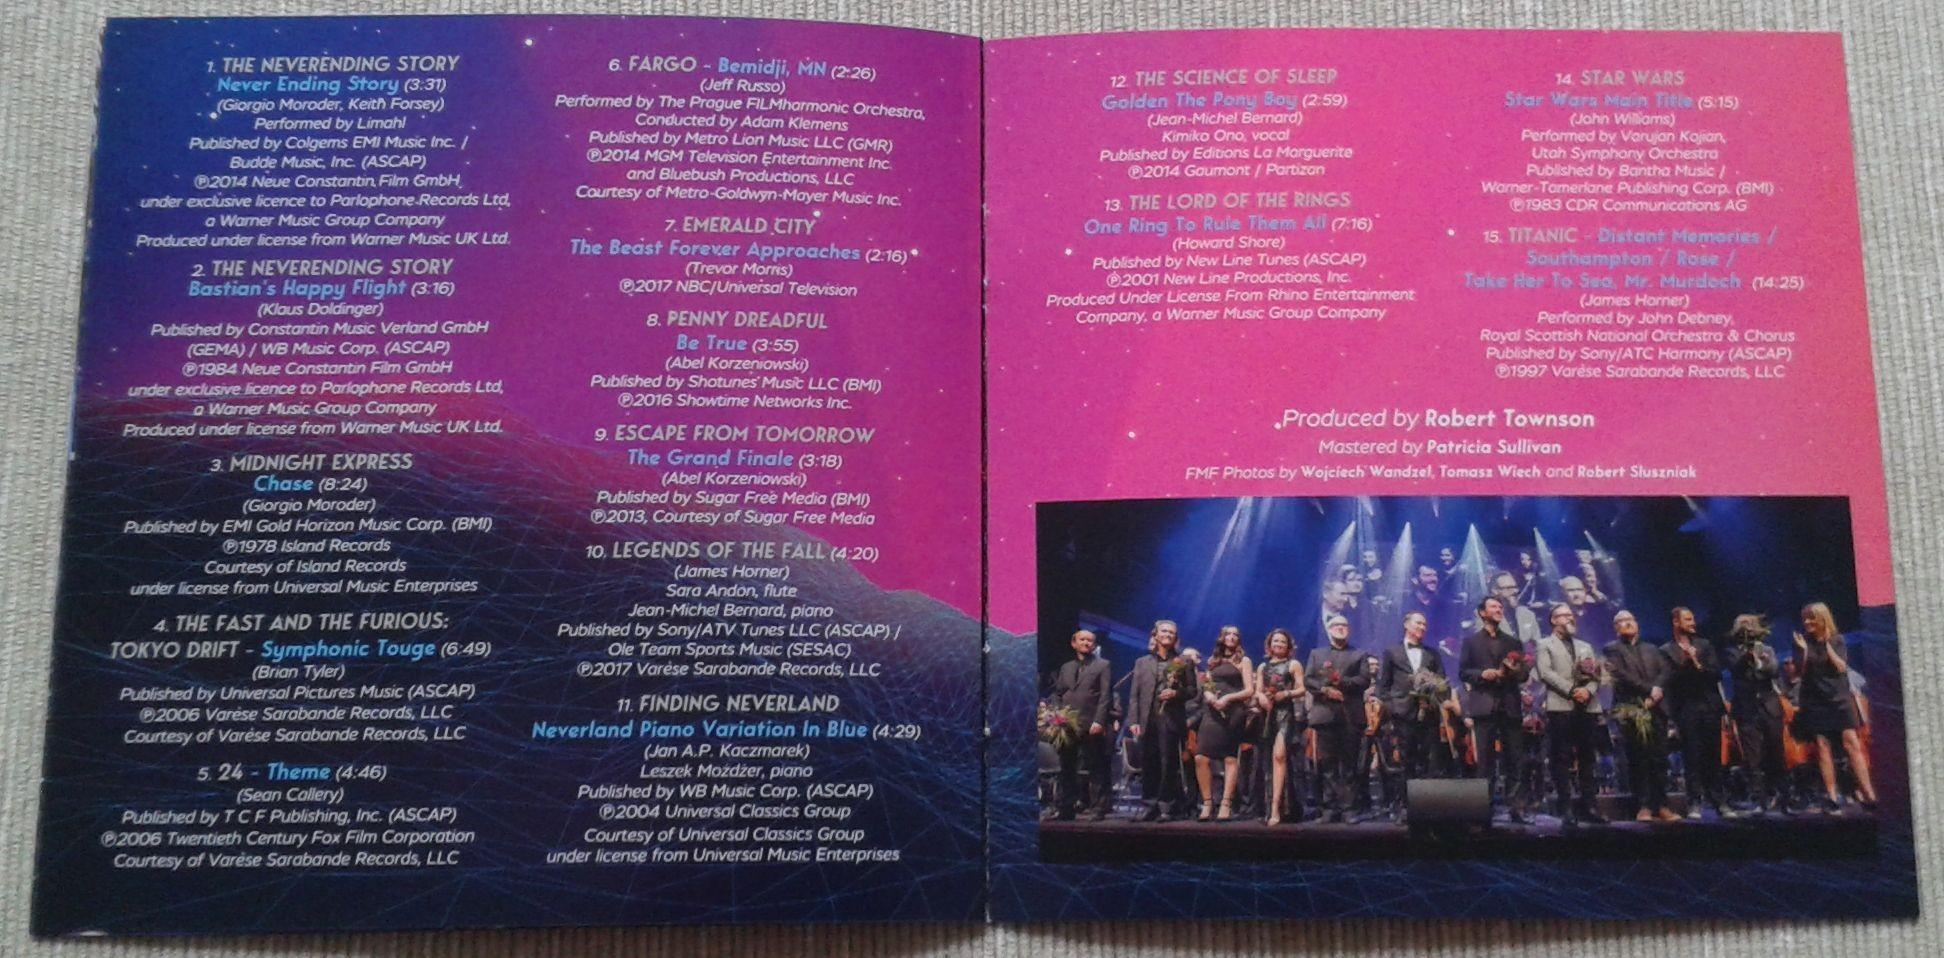 11. 10 FMF booklet 6.jpg